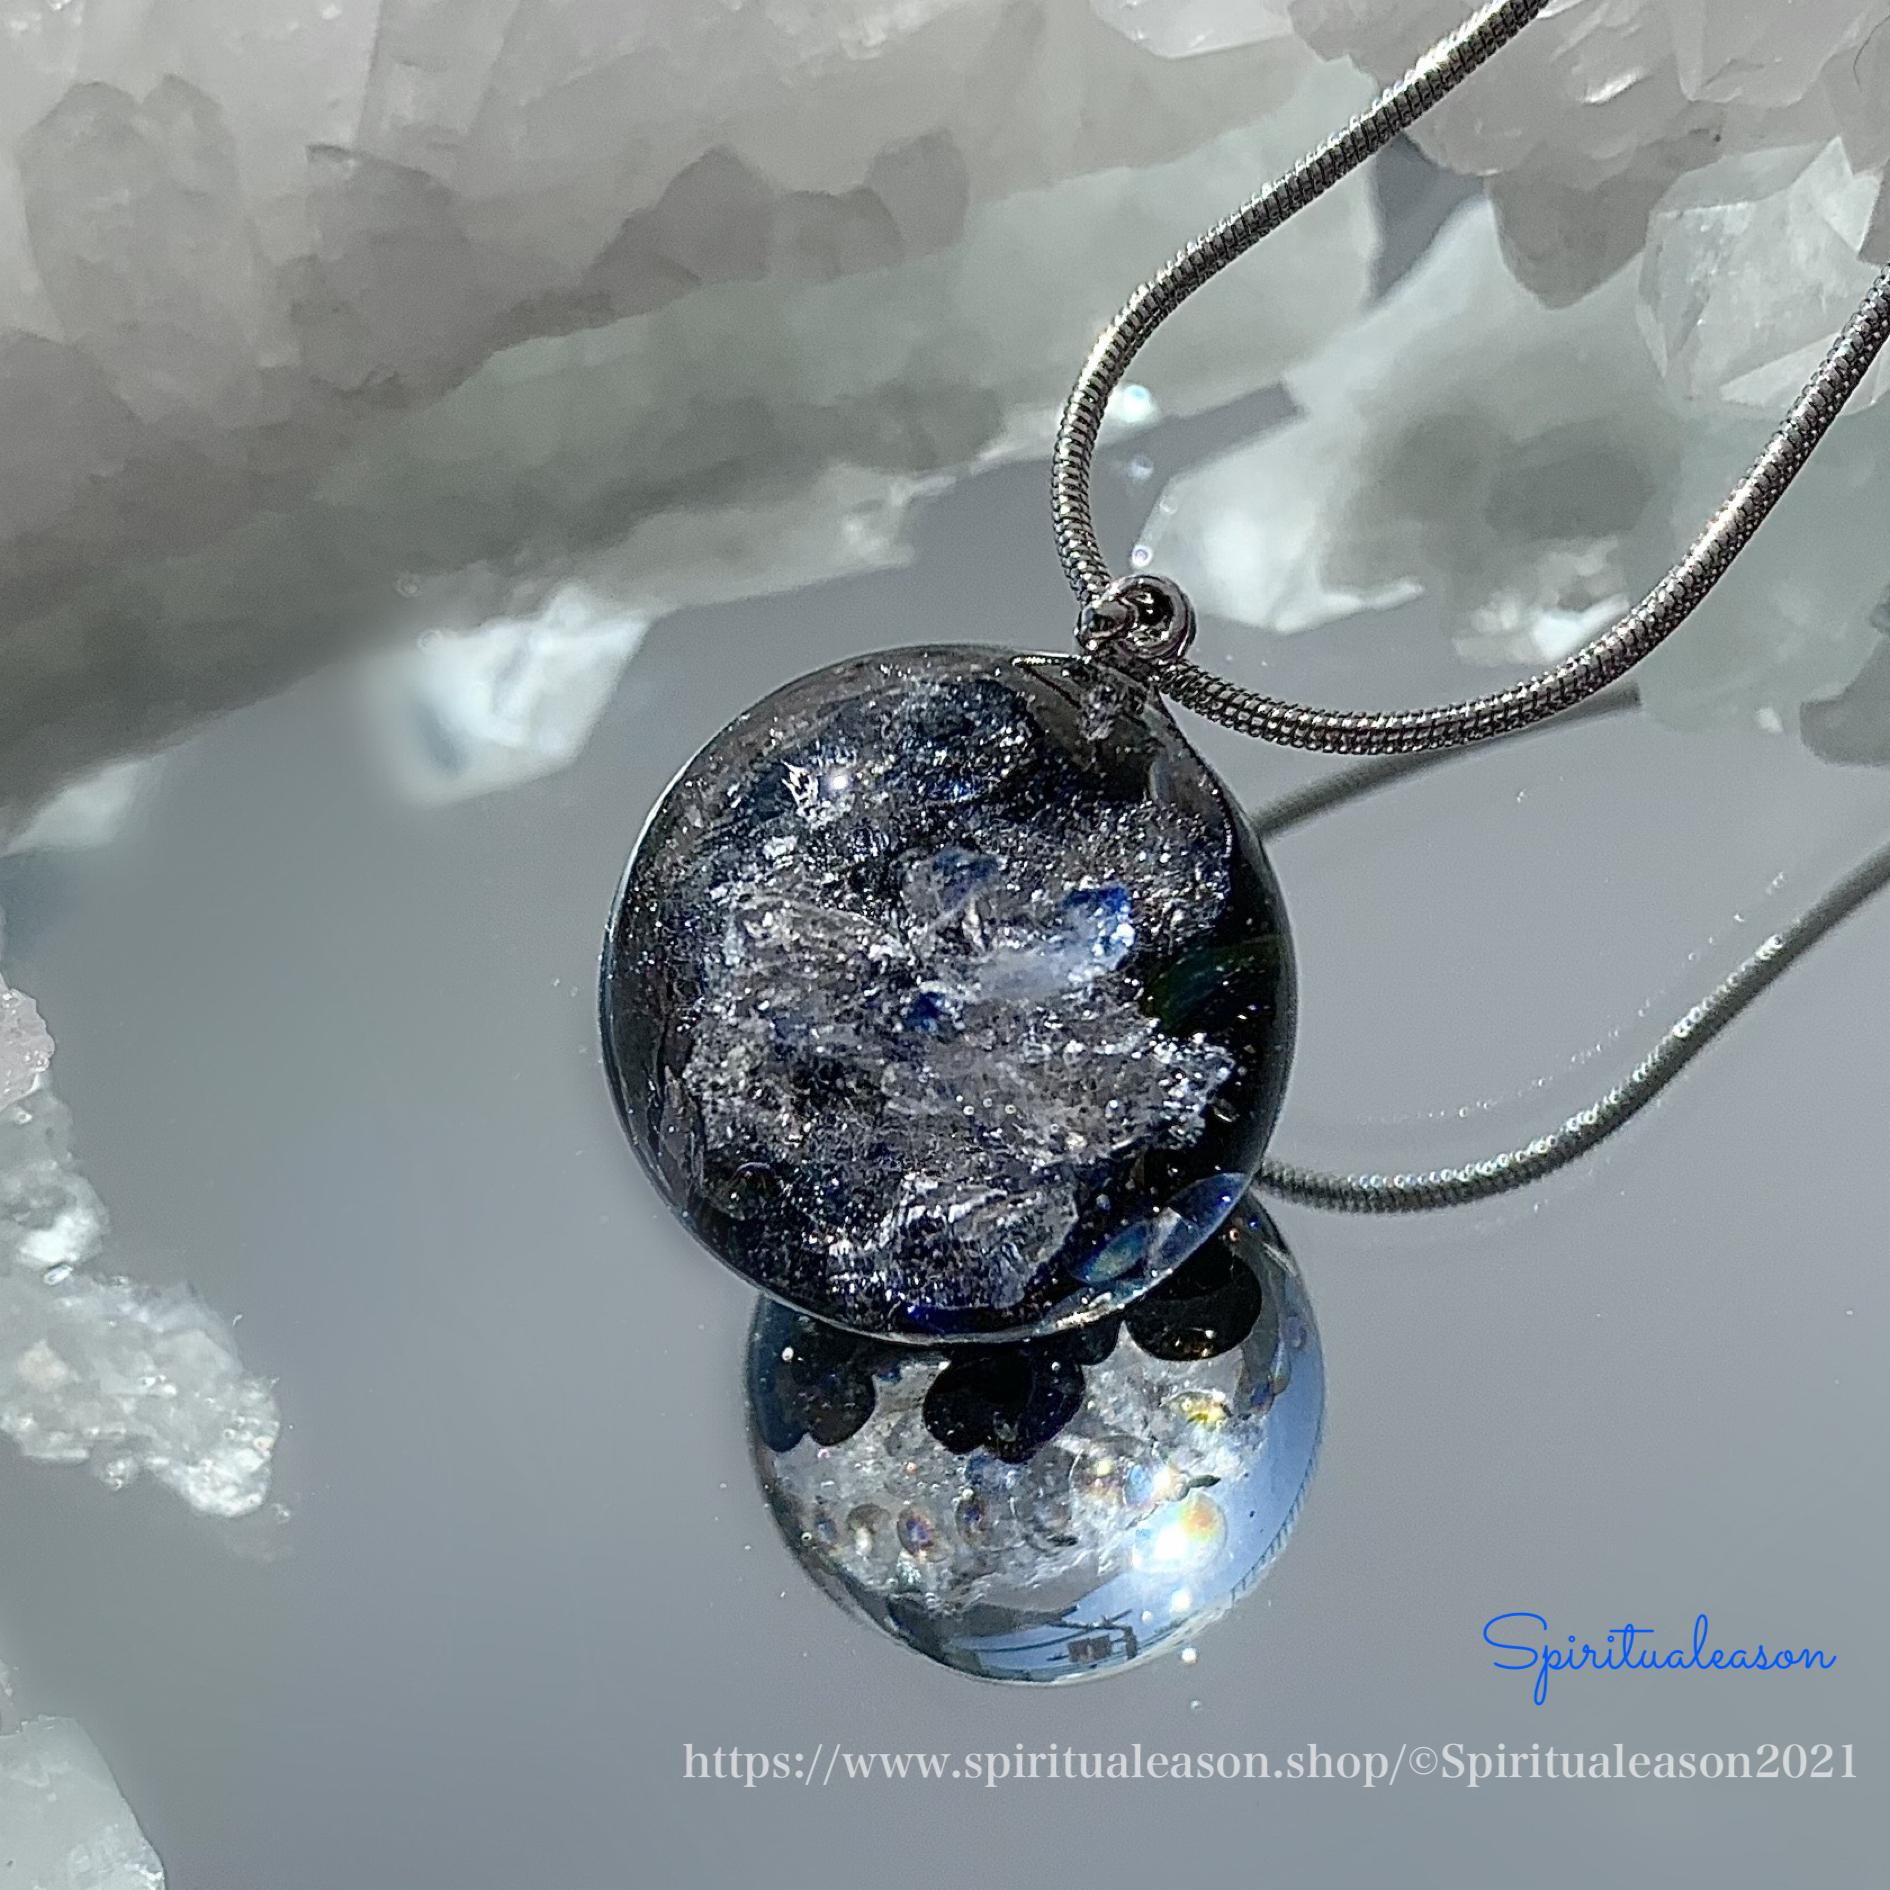 蒼の神秘をひとつぶ/球体の宇宙